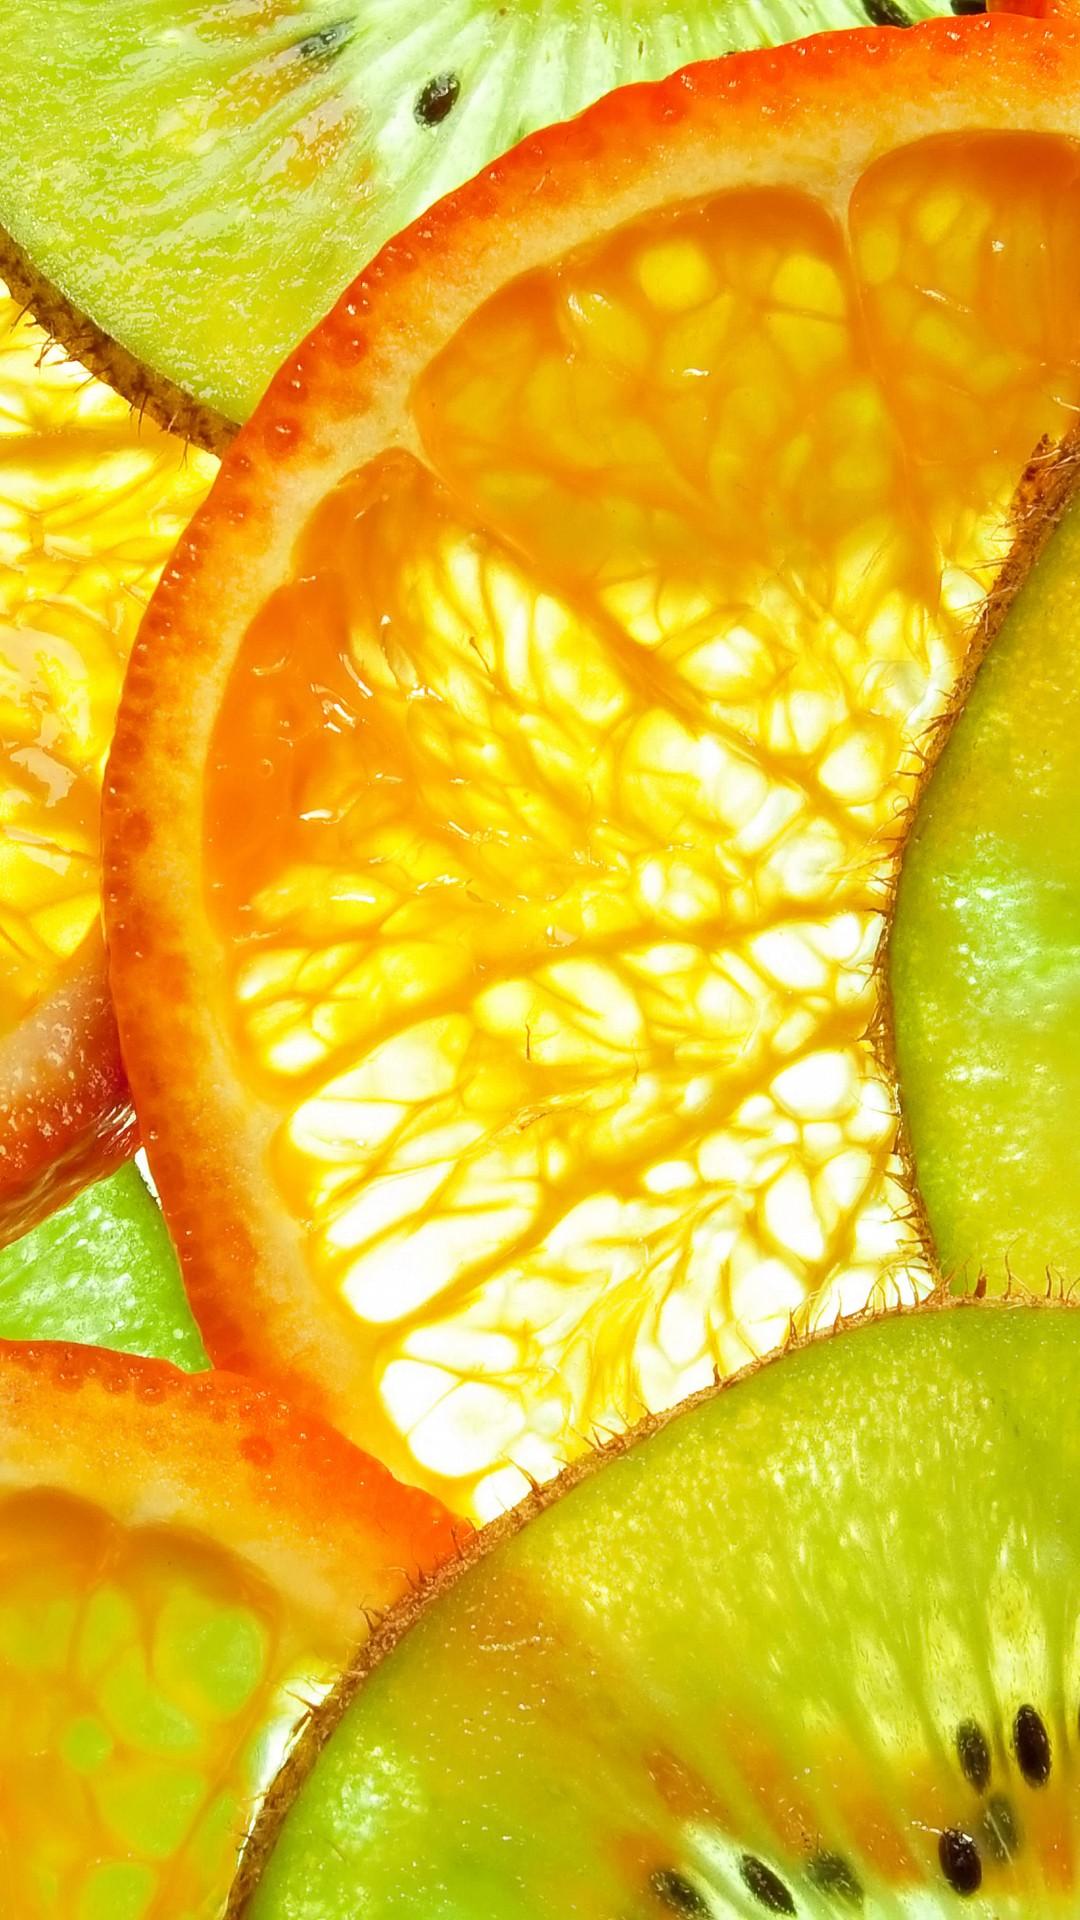 Wallpaper Kiwi Orange Fruit 5k Food 15353